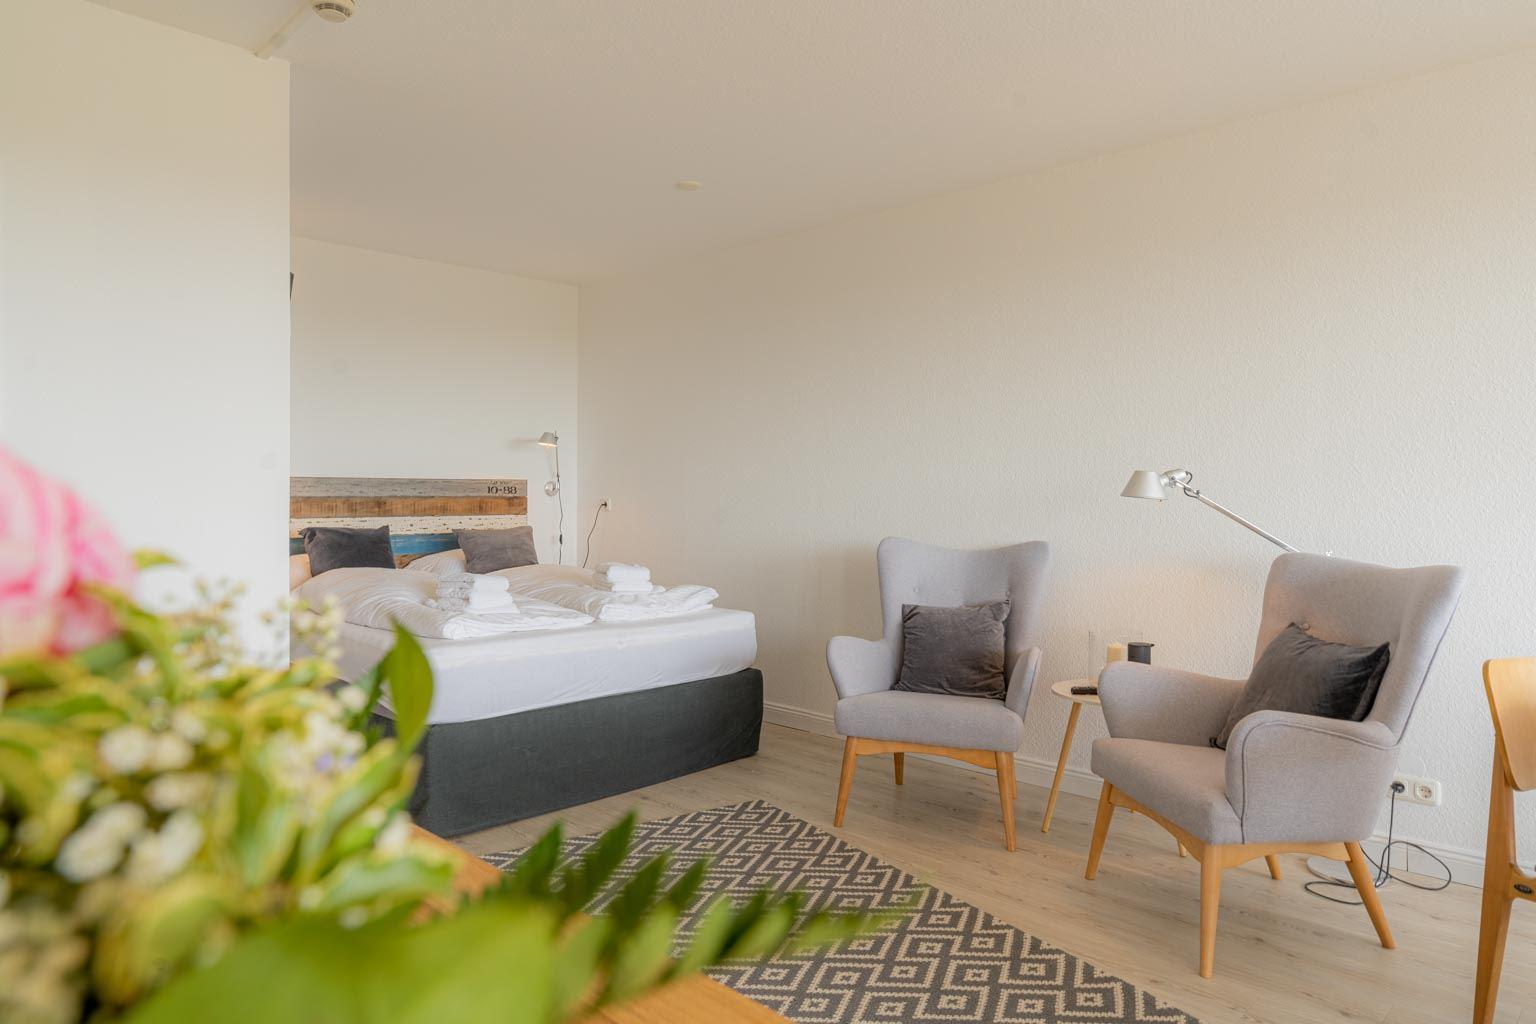 Wohnzimmer mit Schlafbereich